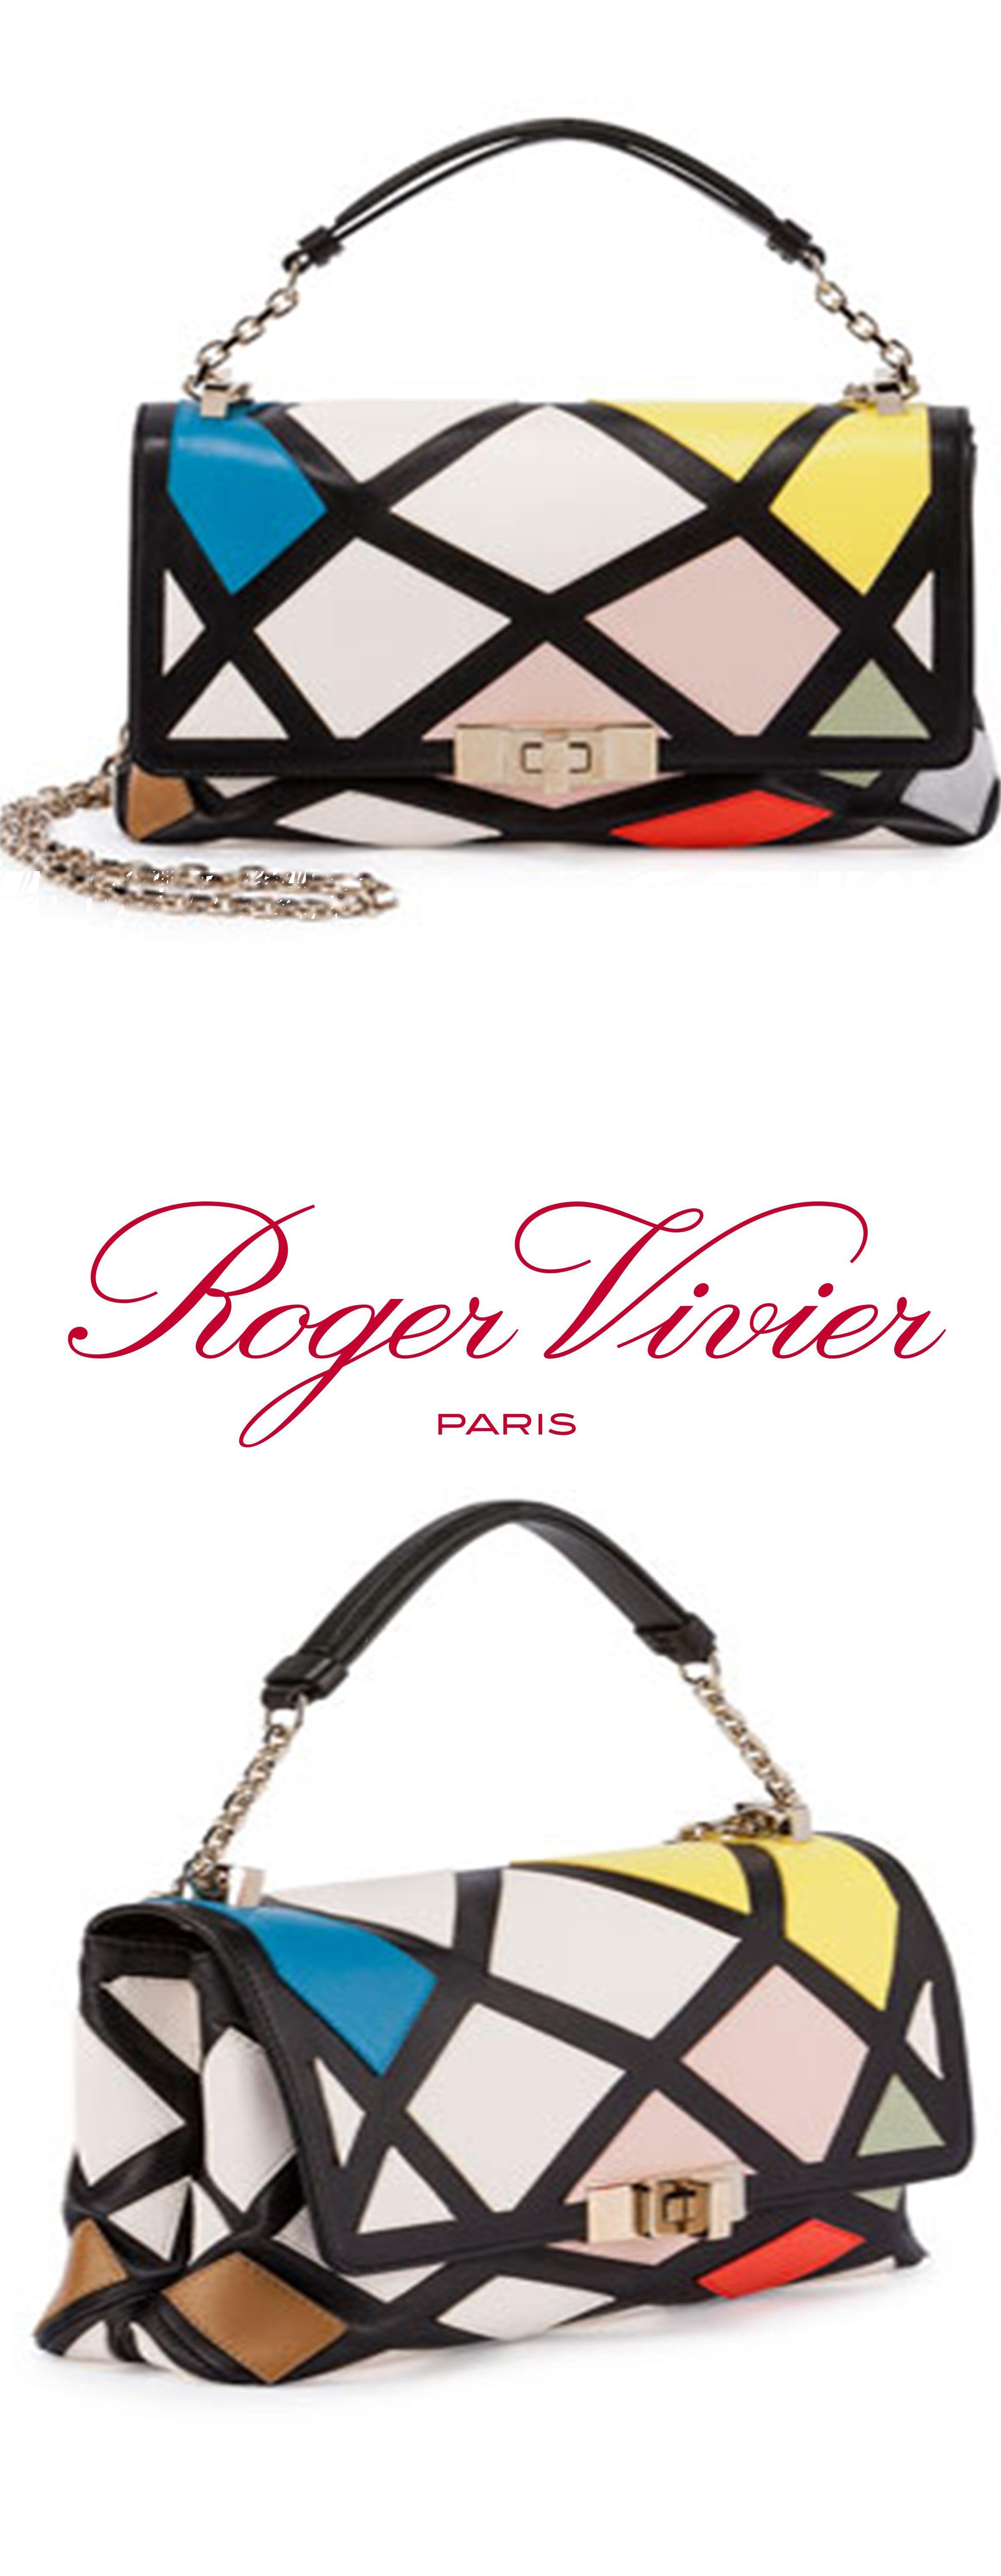 Roger Vivier  573e09a0fa091